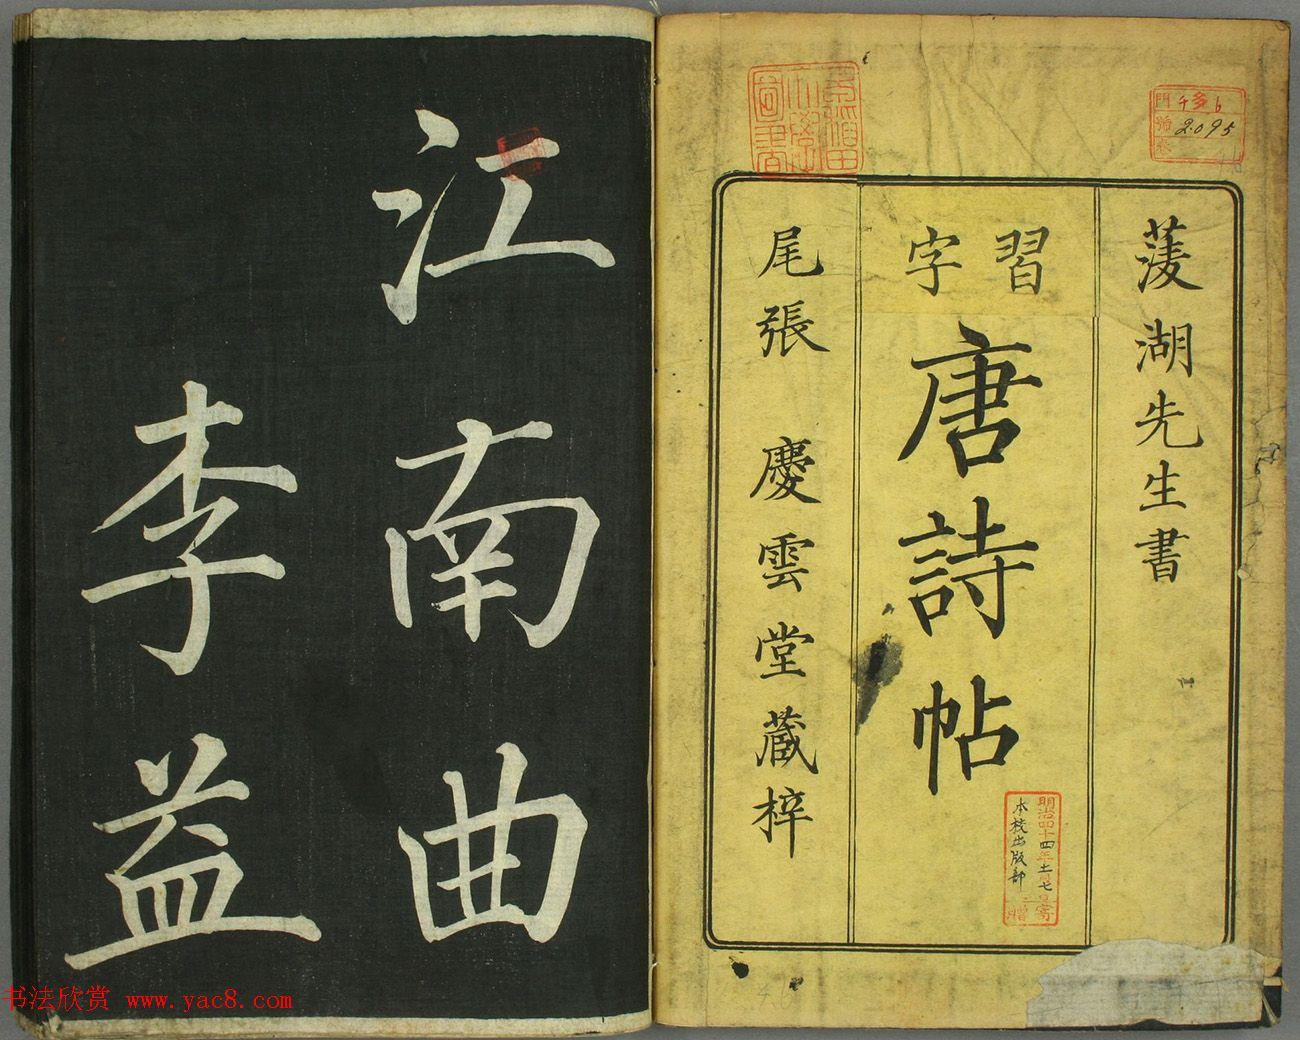 日本卷菱湖书法《习字唐诗帖》